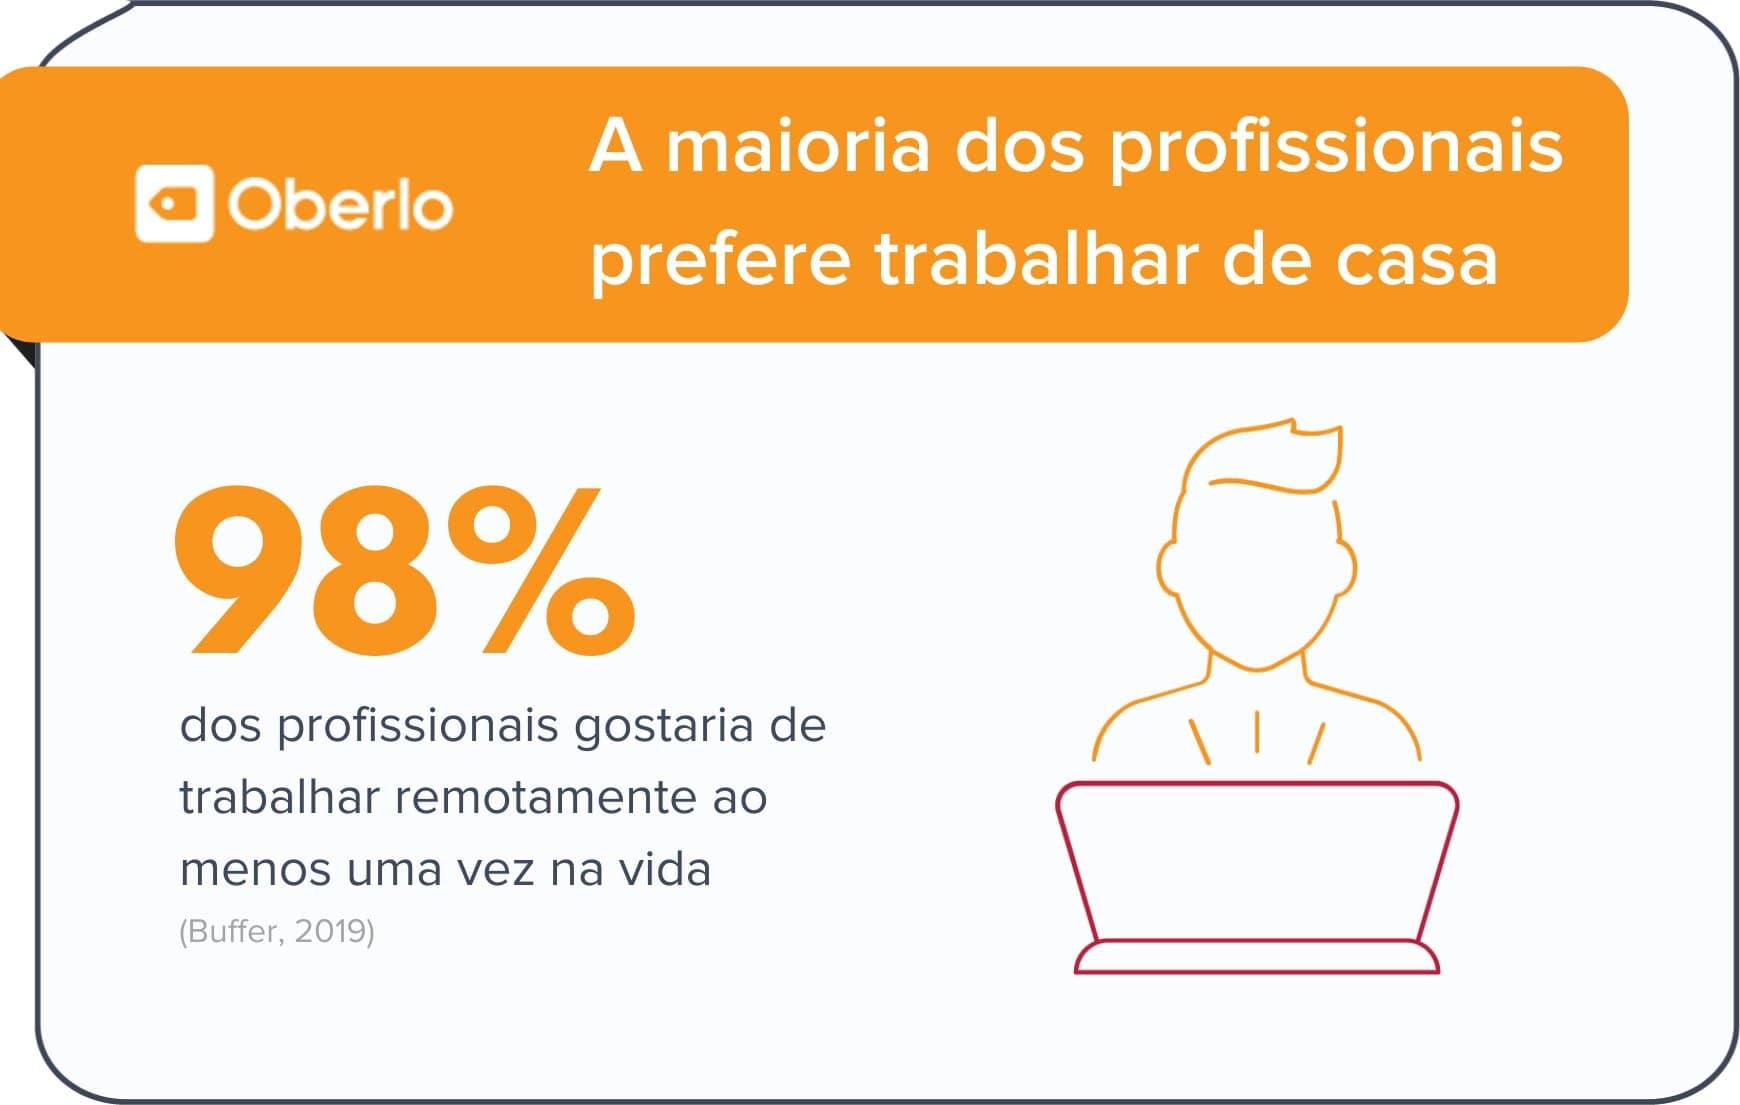 Trabalhar de casa é preferência entre brasileiros